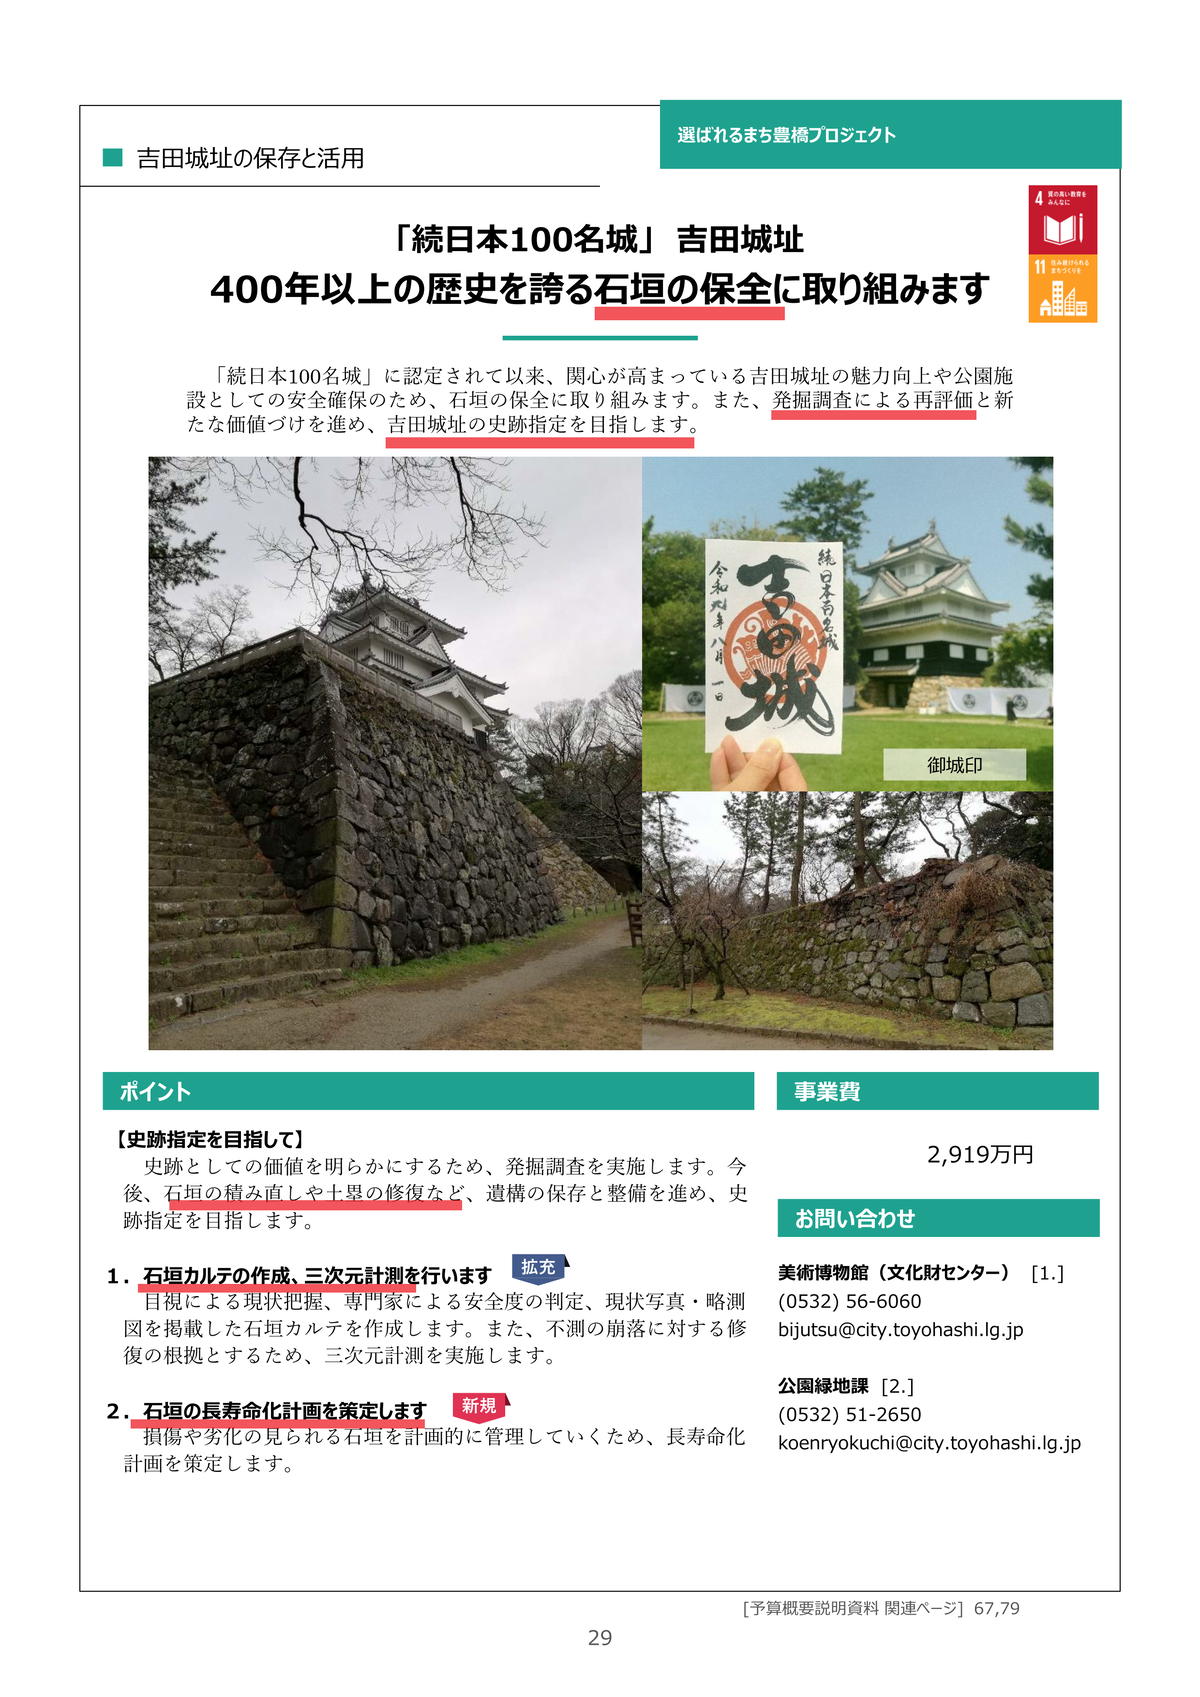 200218_midokoro_029s